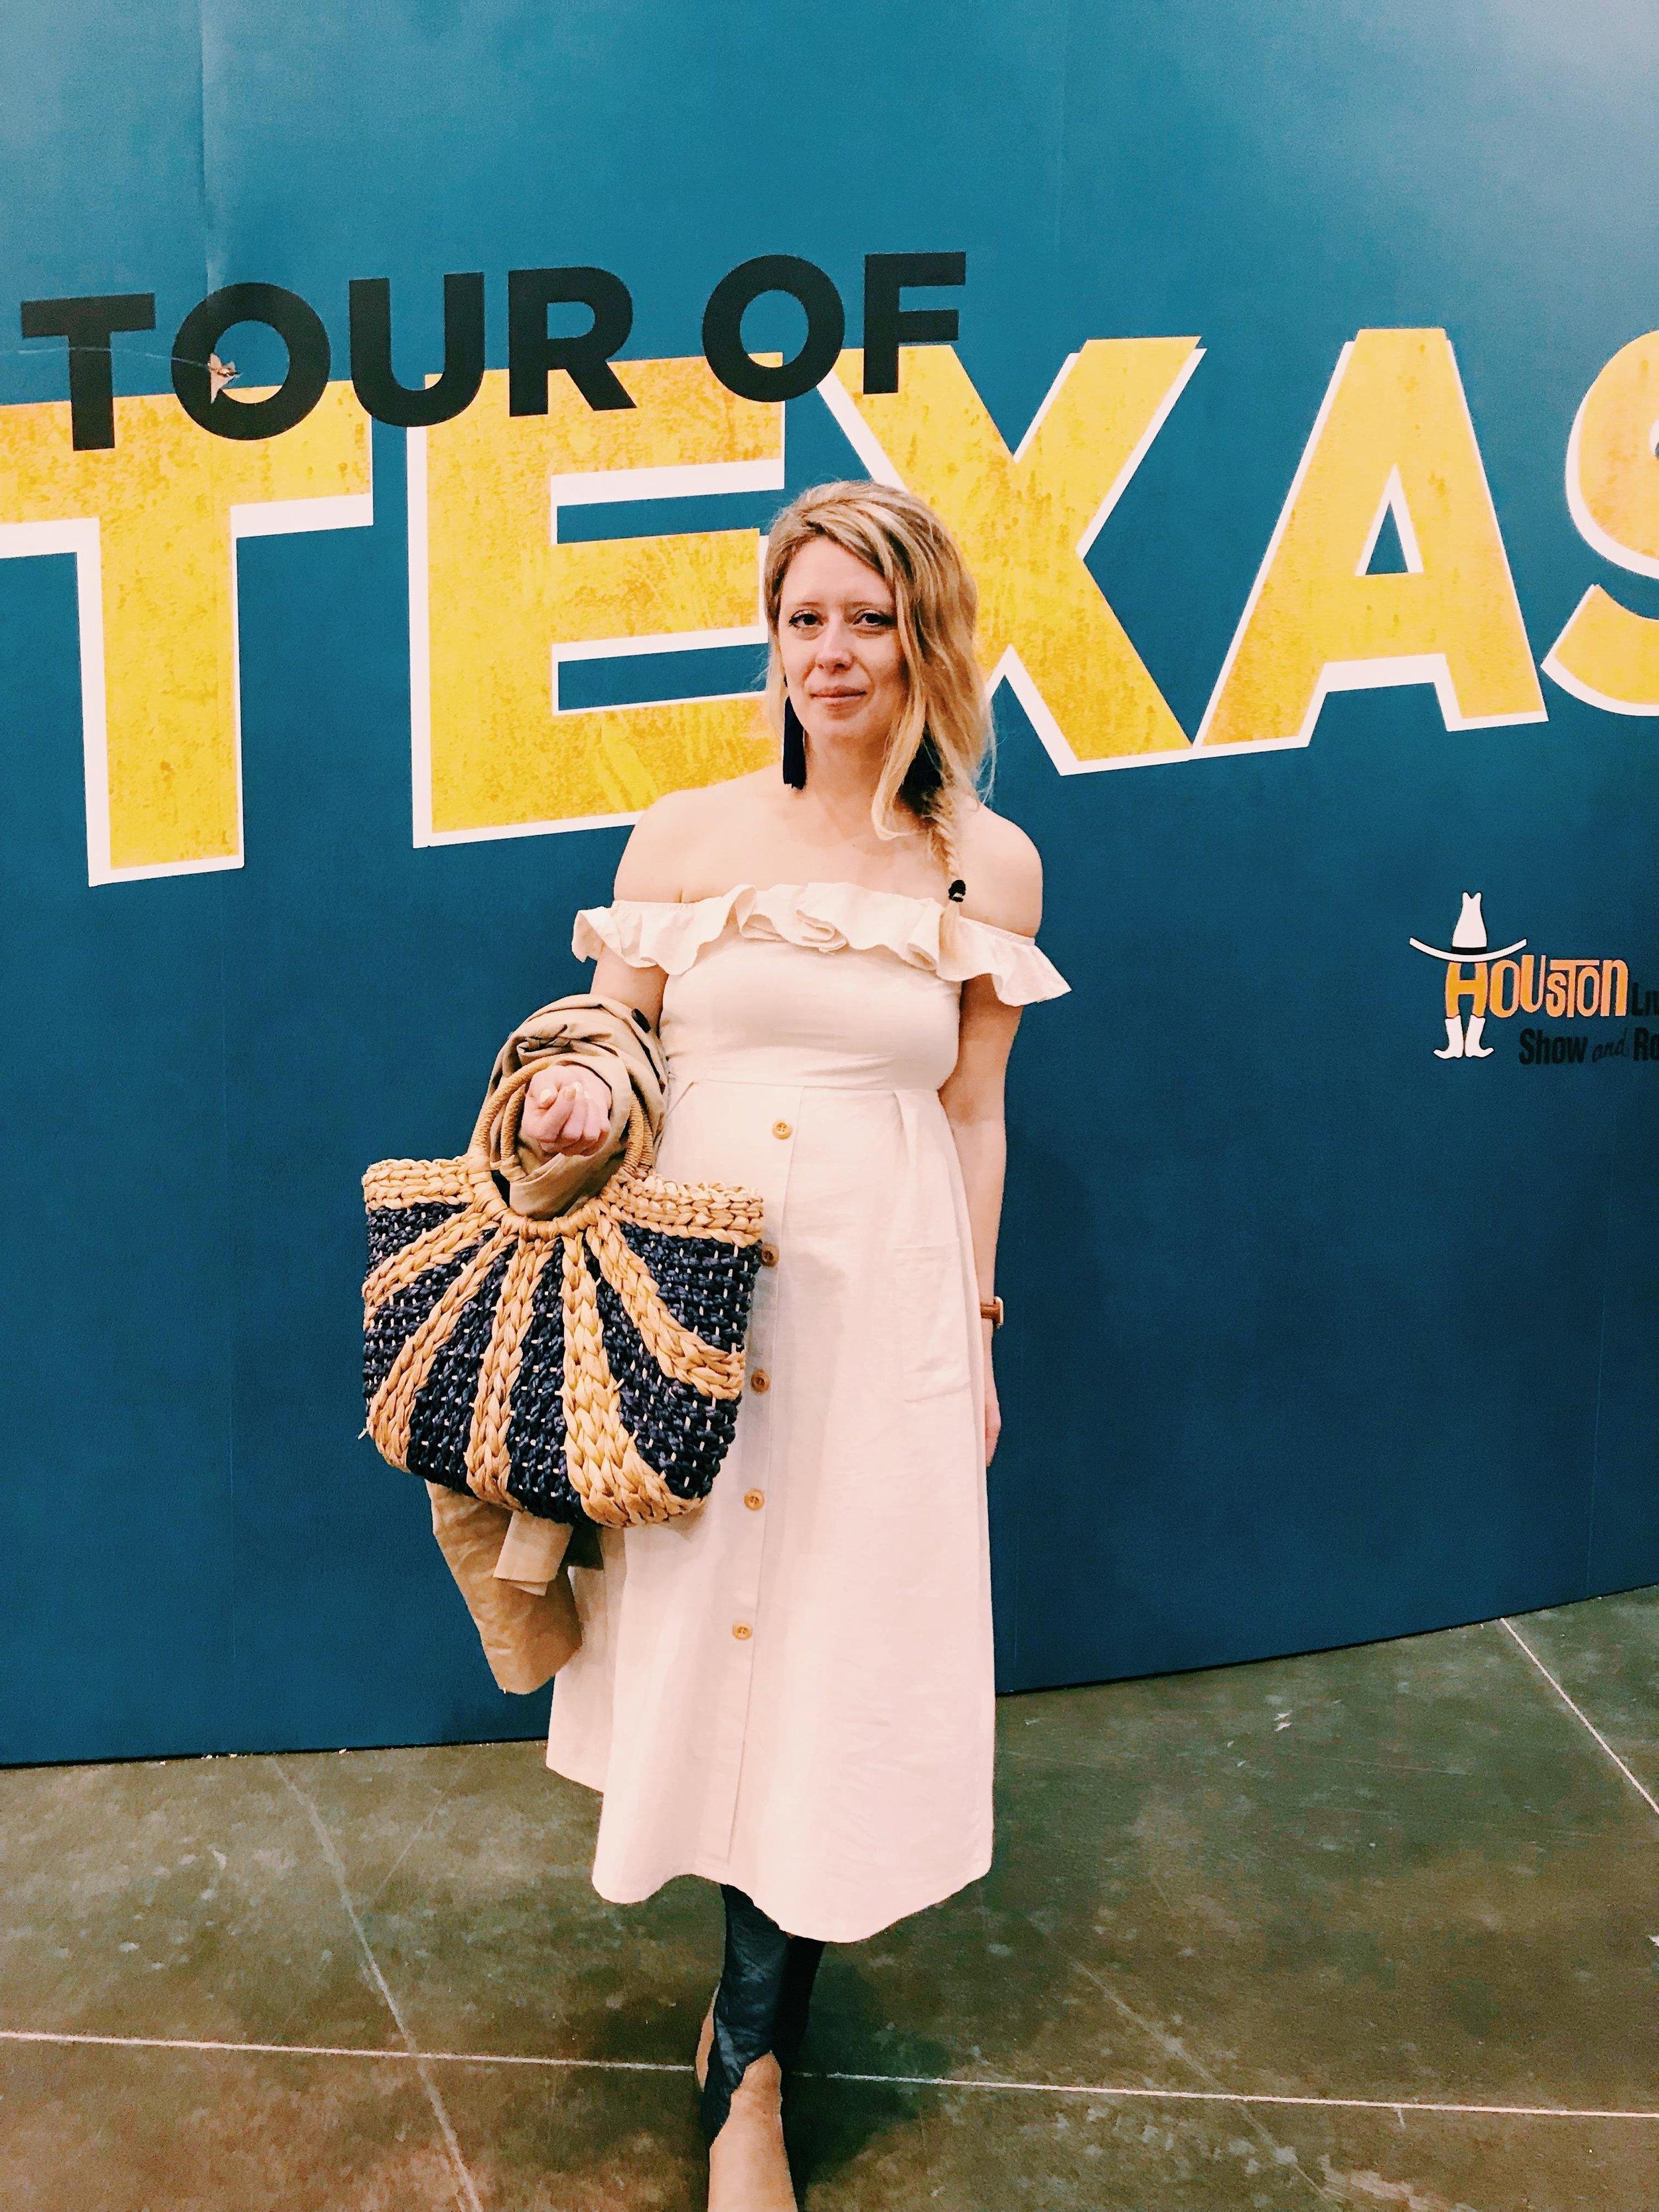 Three Heel Clicks - Houston Hotspots - The Rodeo (26).jpg